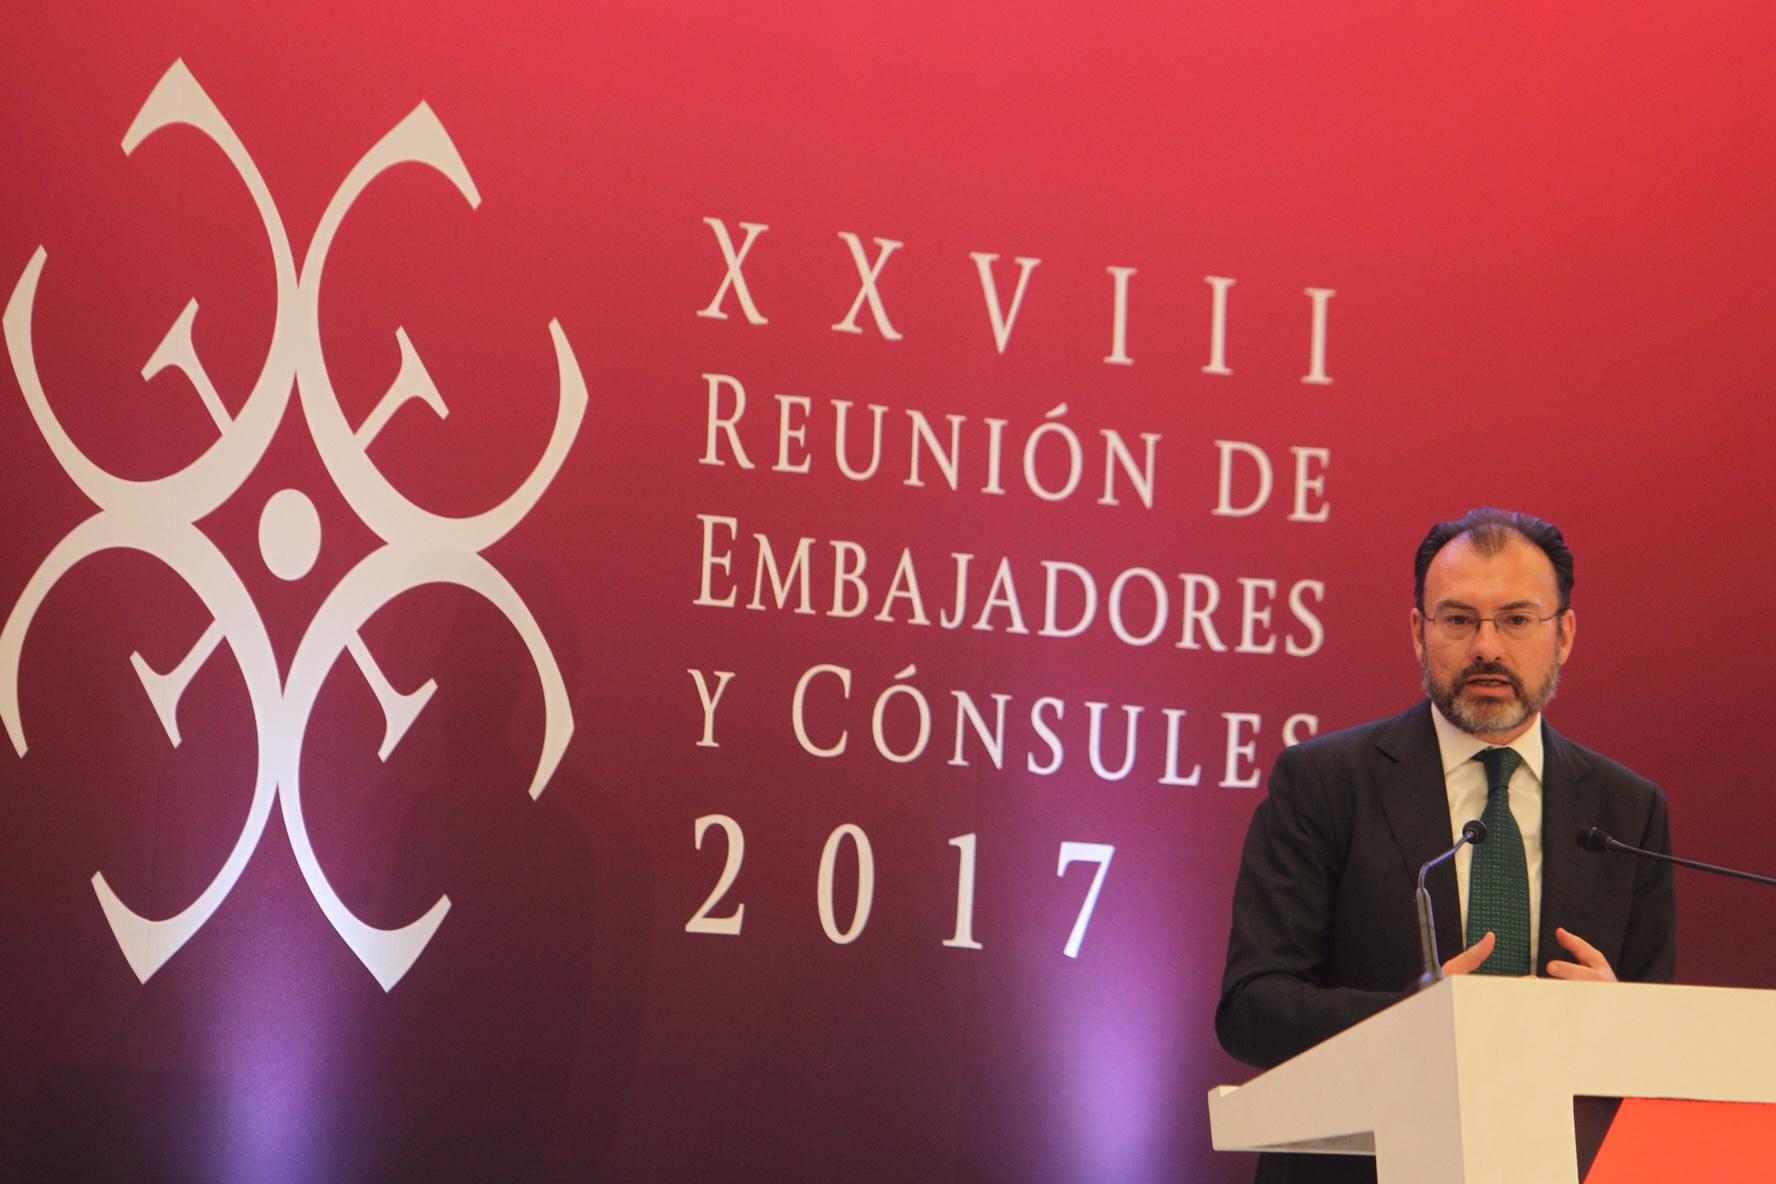 El Secretario de Relaciones Exteriores Luis Videgaray refrenda el compromiso de la Cancillería en materia de protección a los Derechos Humanos